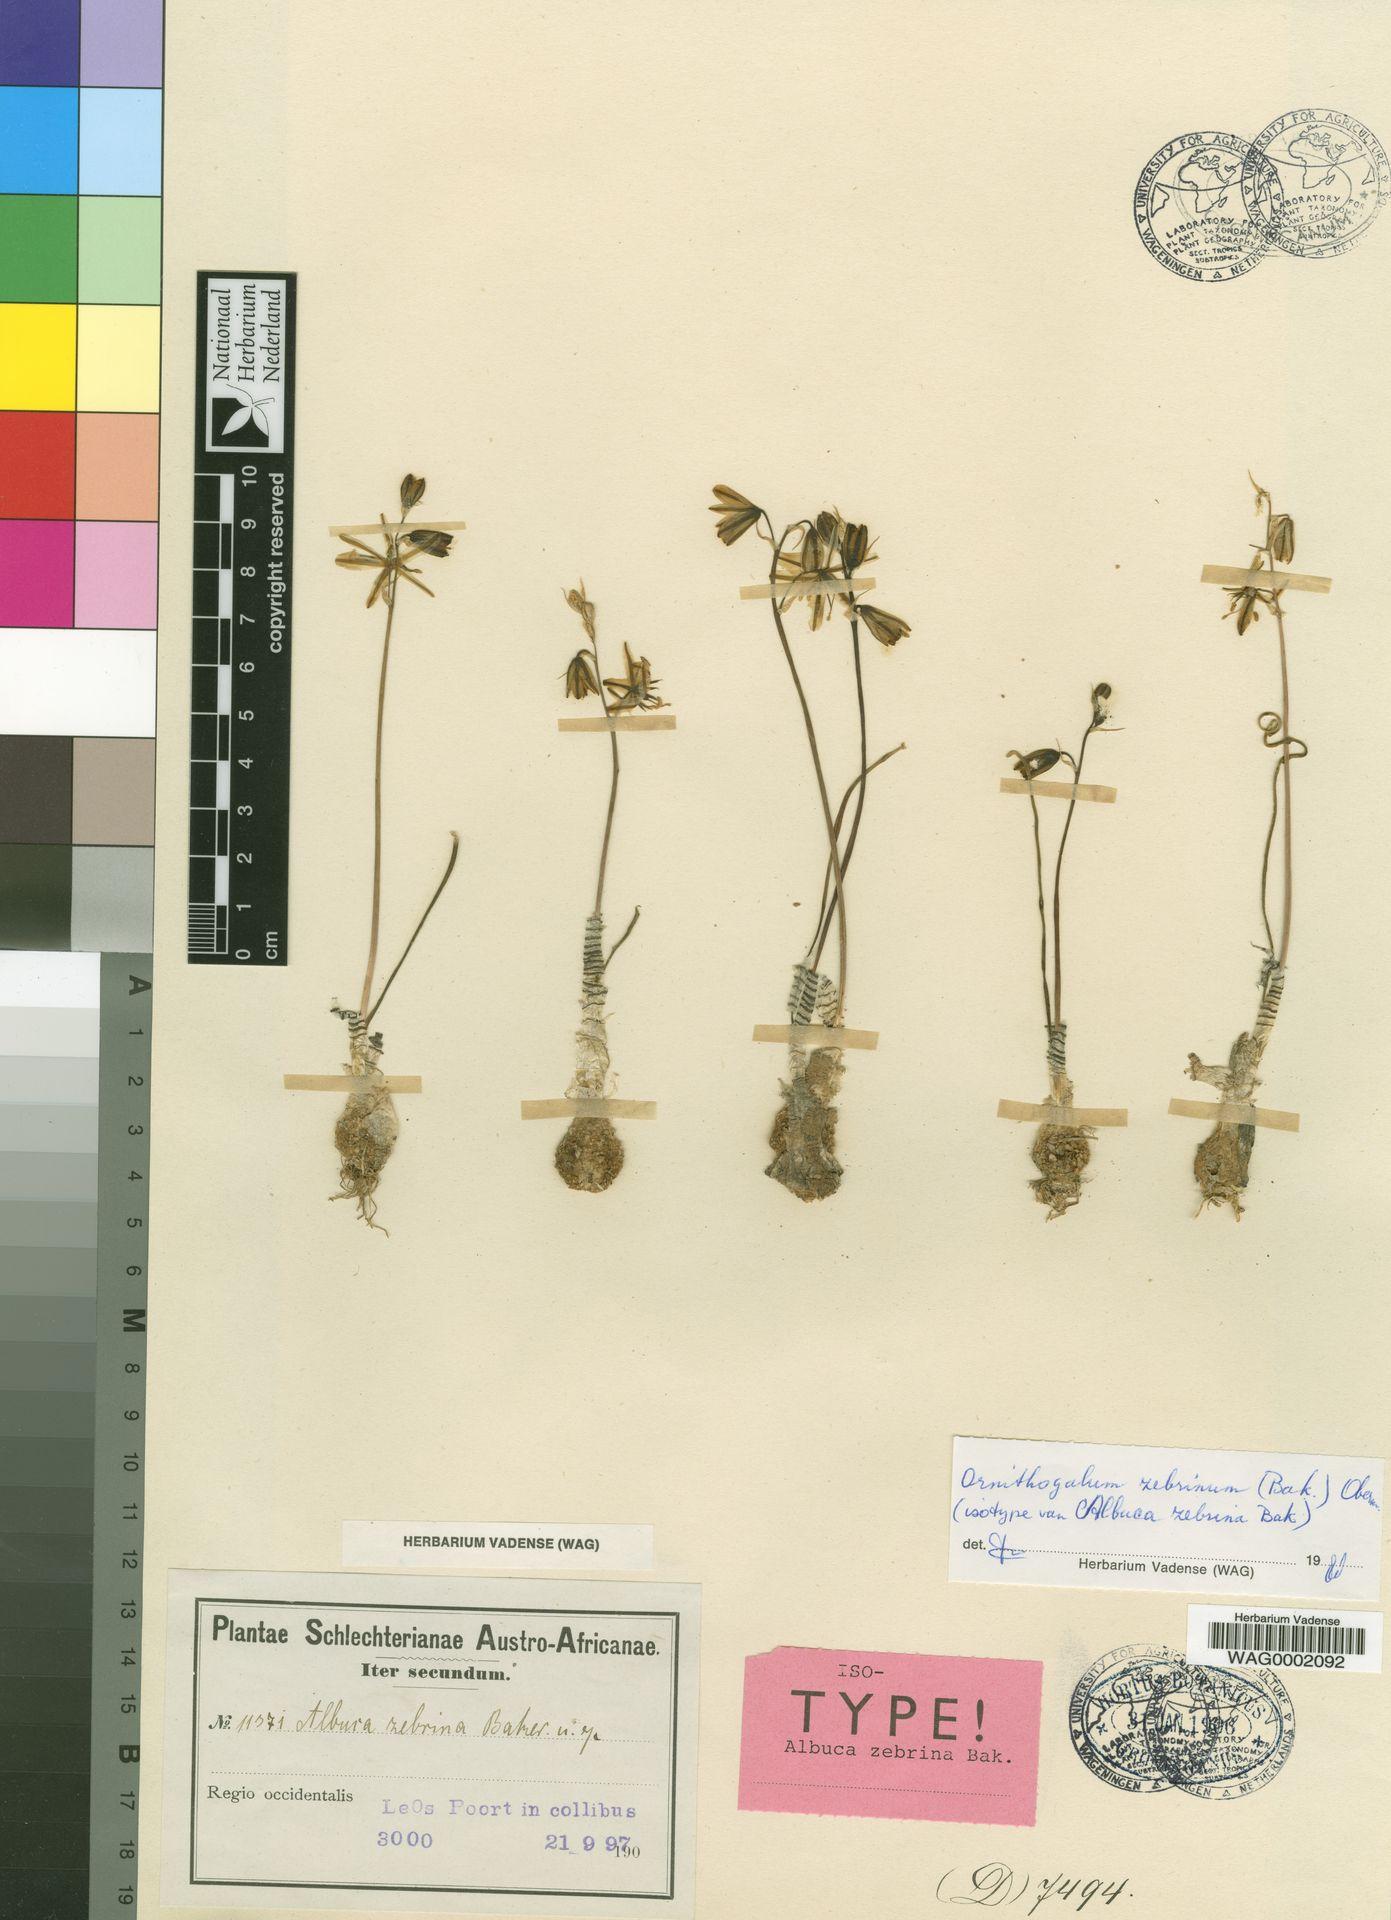 WAG0002092 | Ornithogalum zebrinum (Baker) Oberm.